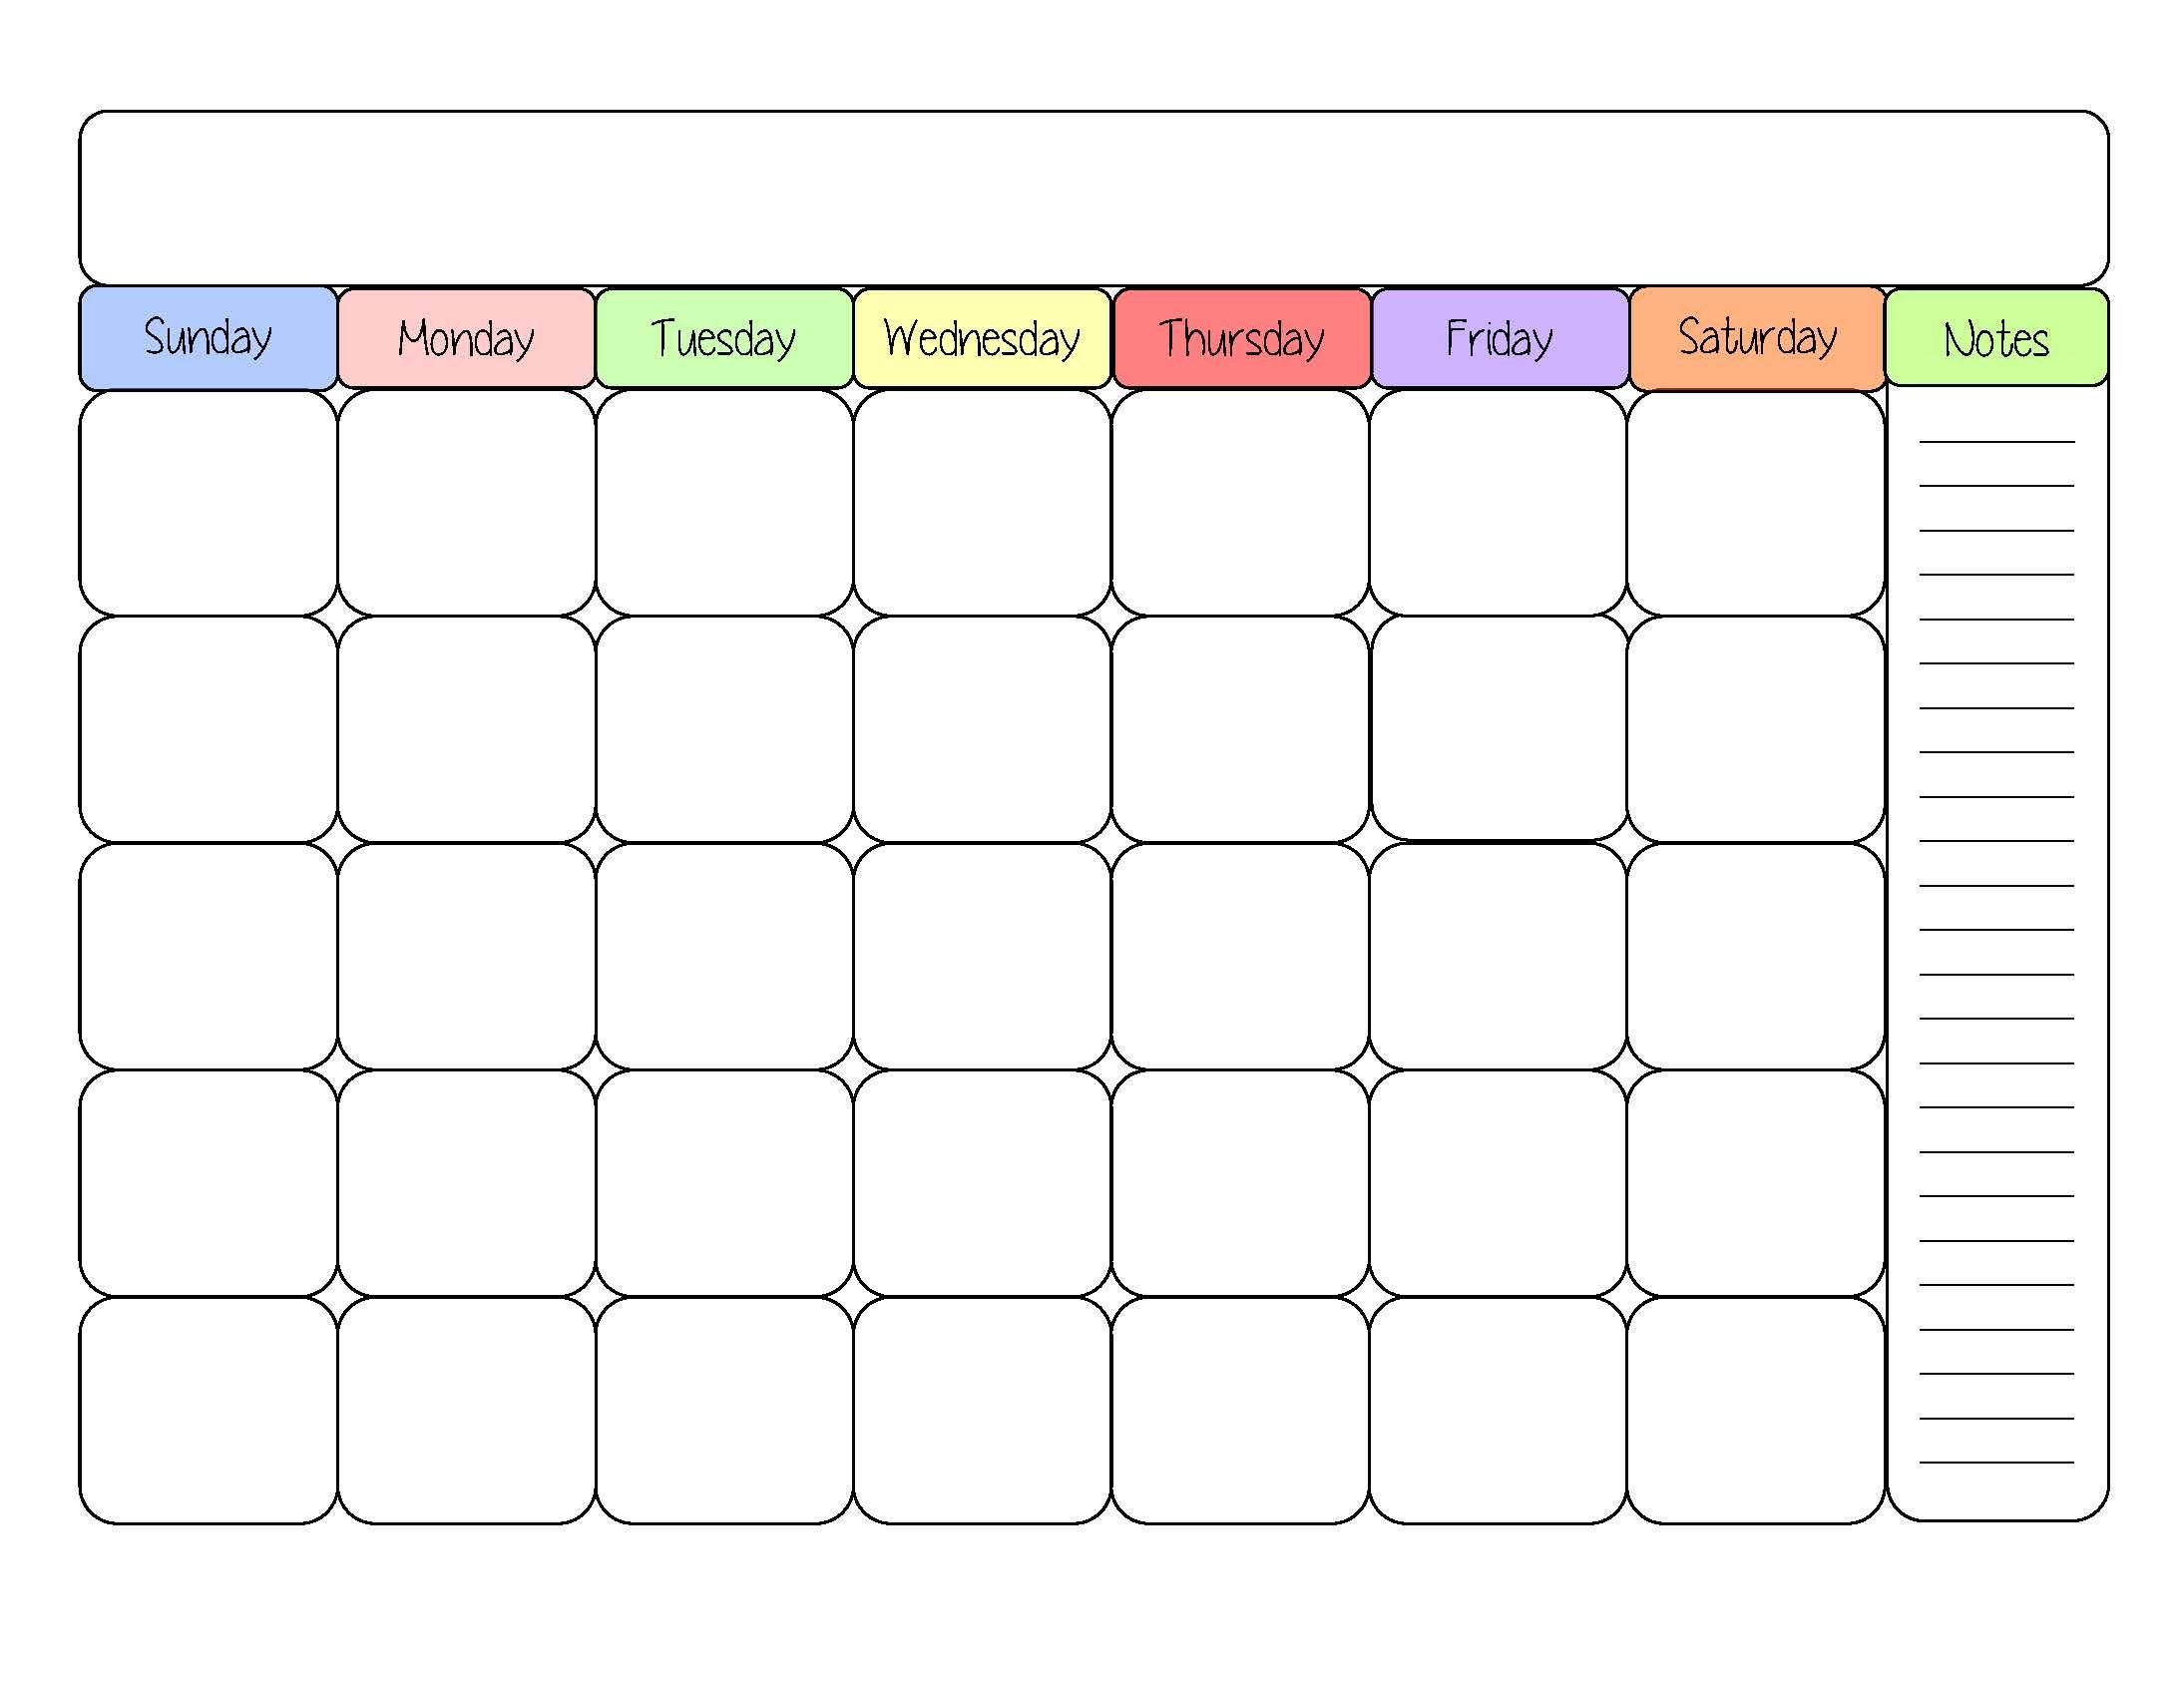 Printable Calendars Online Printable Weekly Calendars – 2017 Printable Calendar